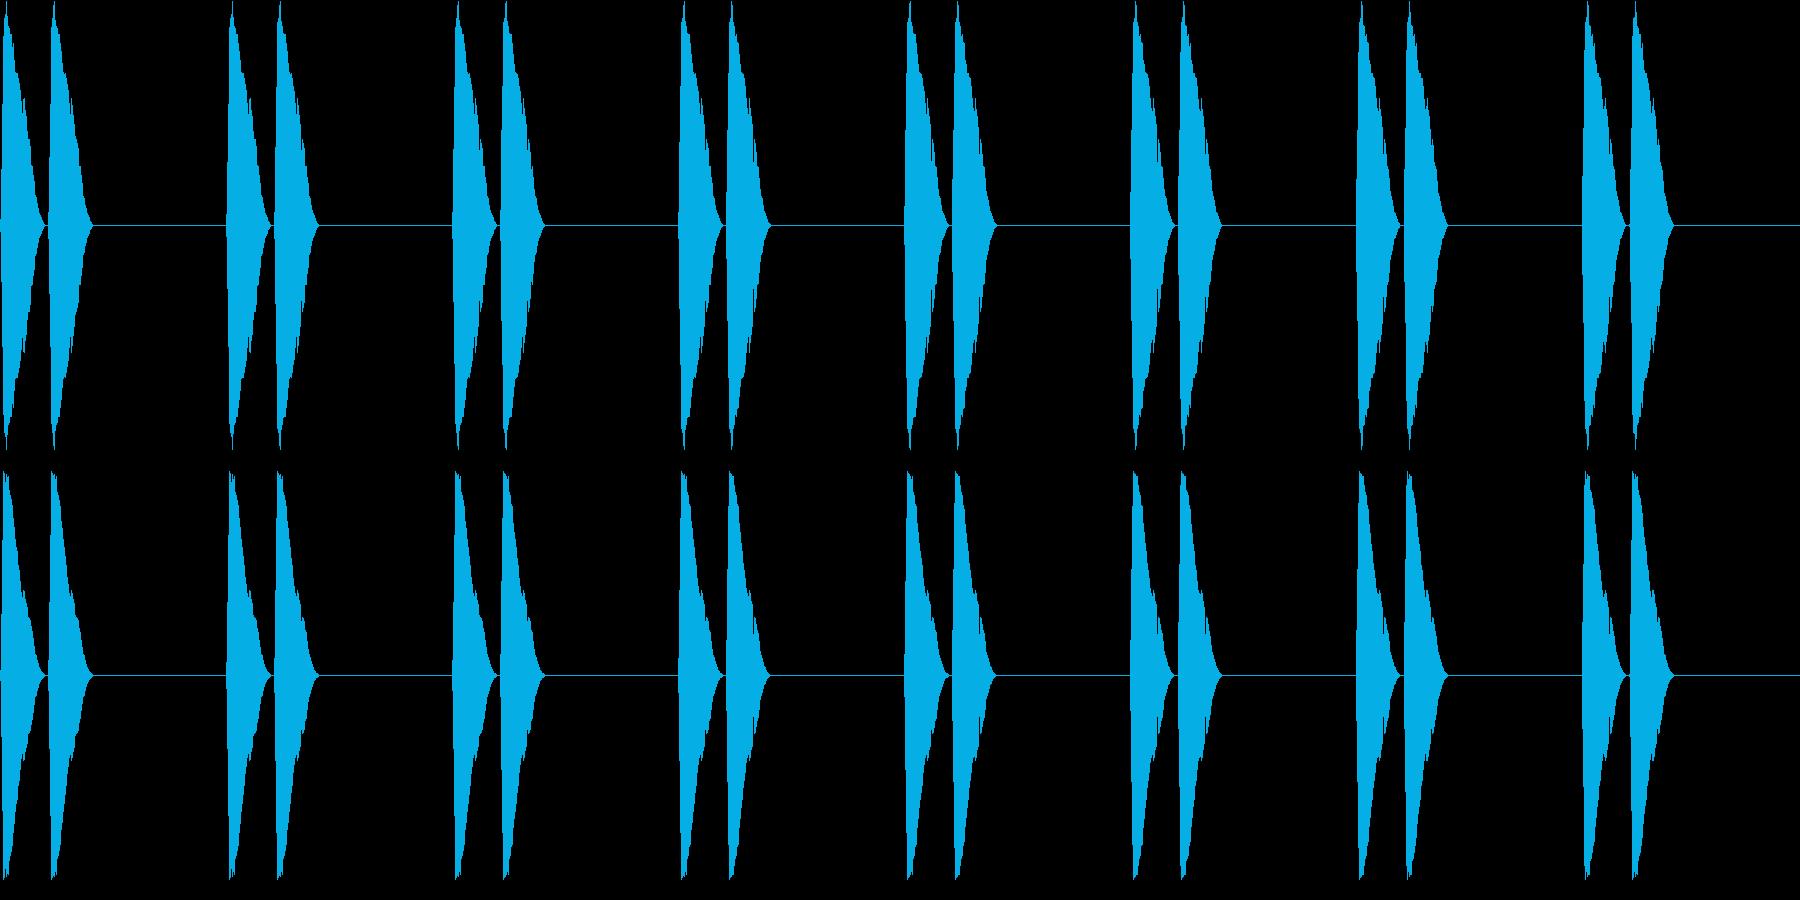 【アラーム】電子音 - ピピッ ピピッの再生済みの波形